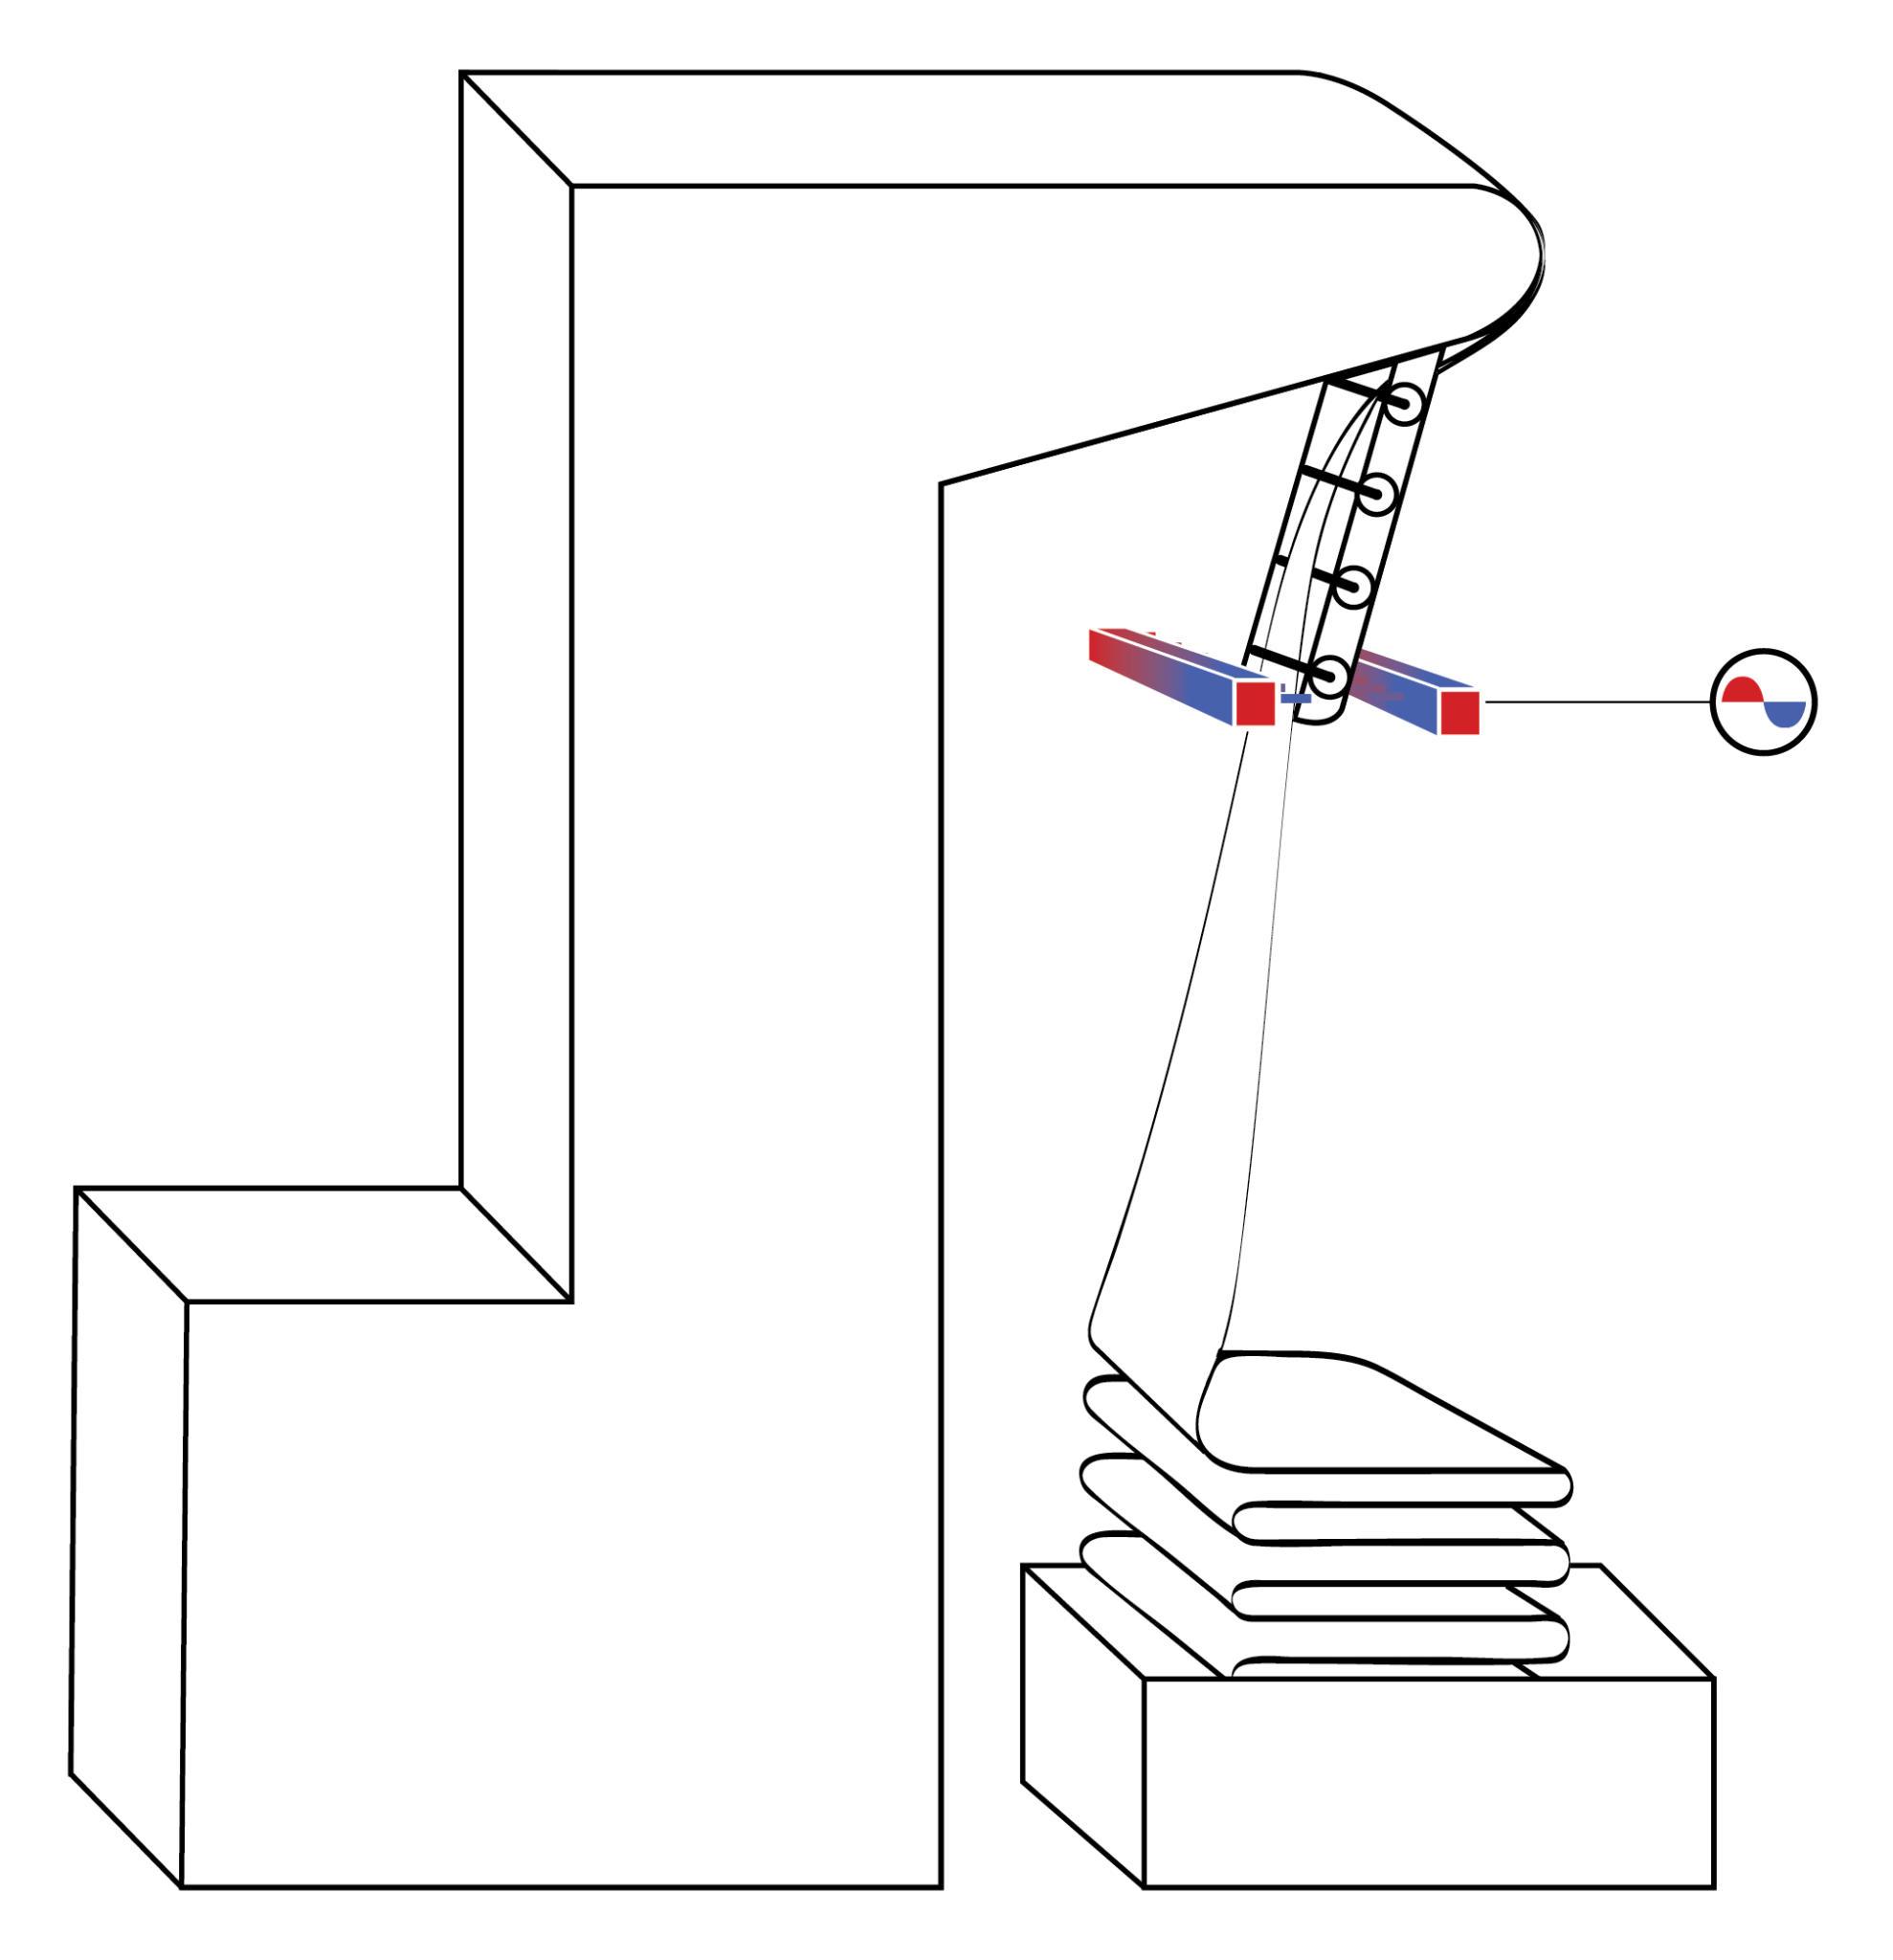 elettromeccanica bonato faldatrice - settore tessile